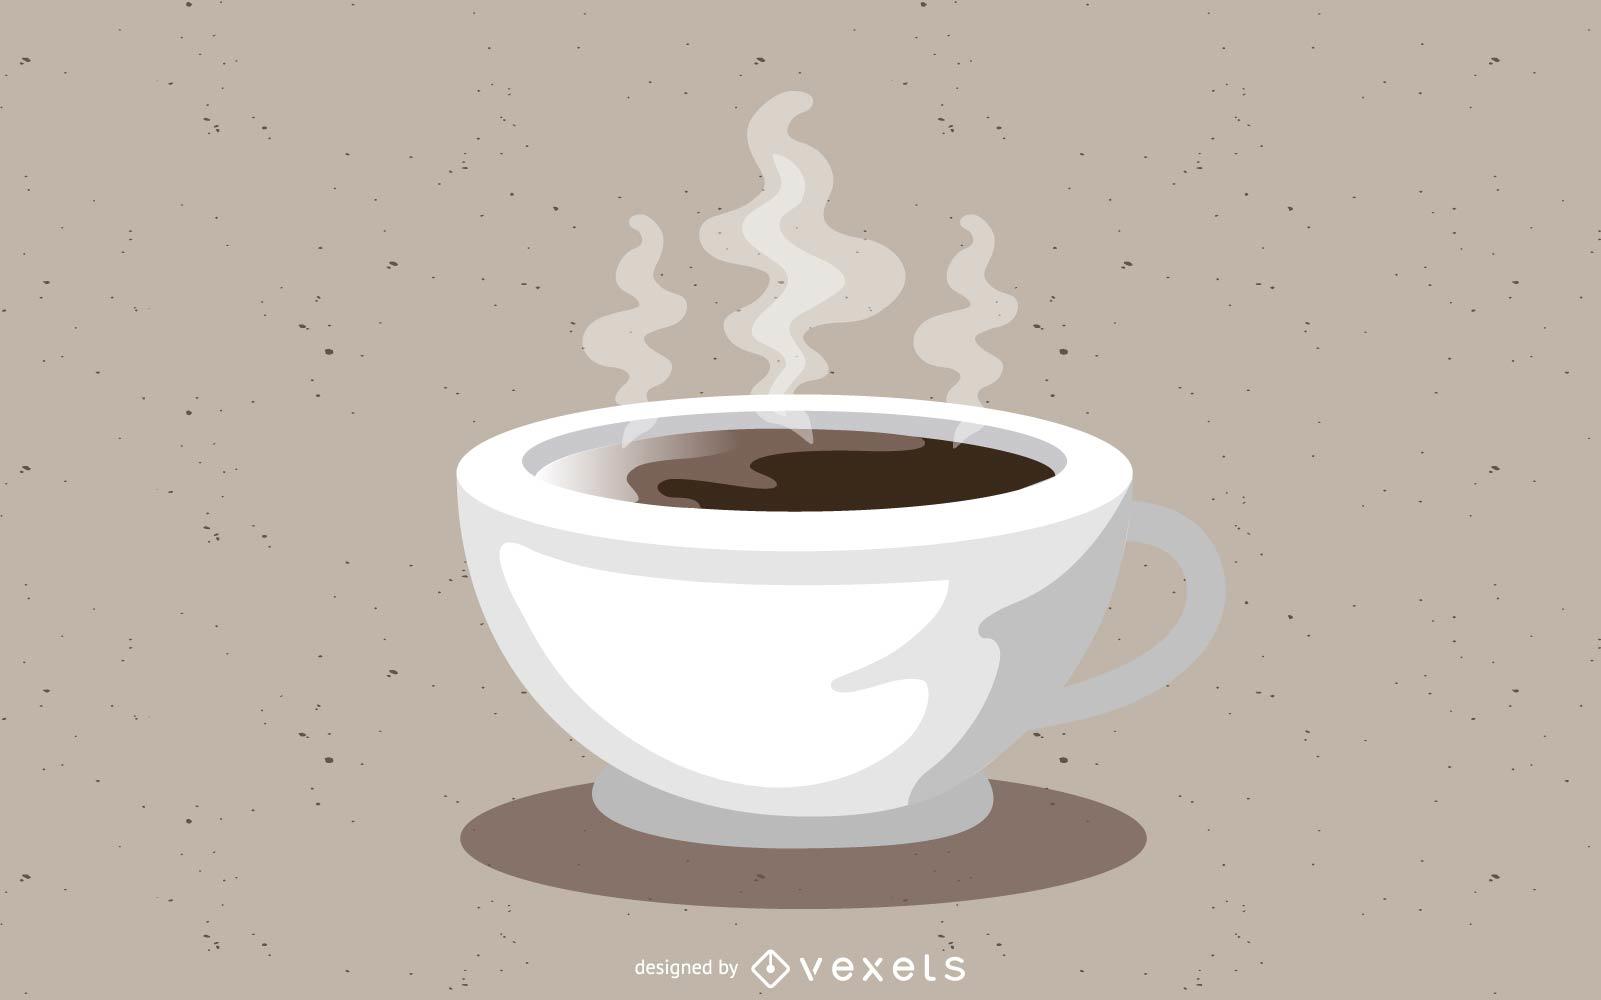 Dise?o de vector de taza de caf? caliente